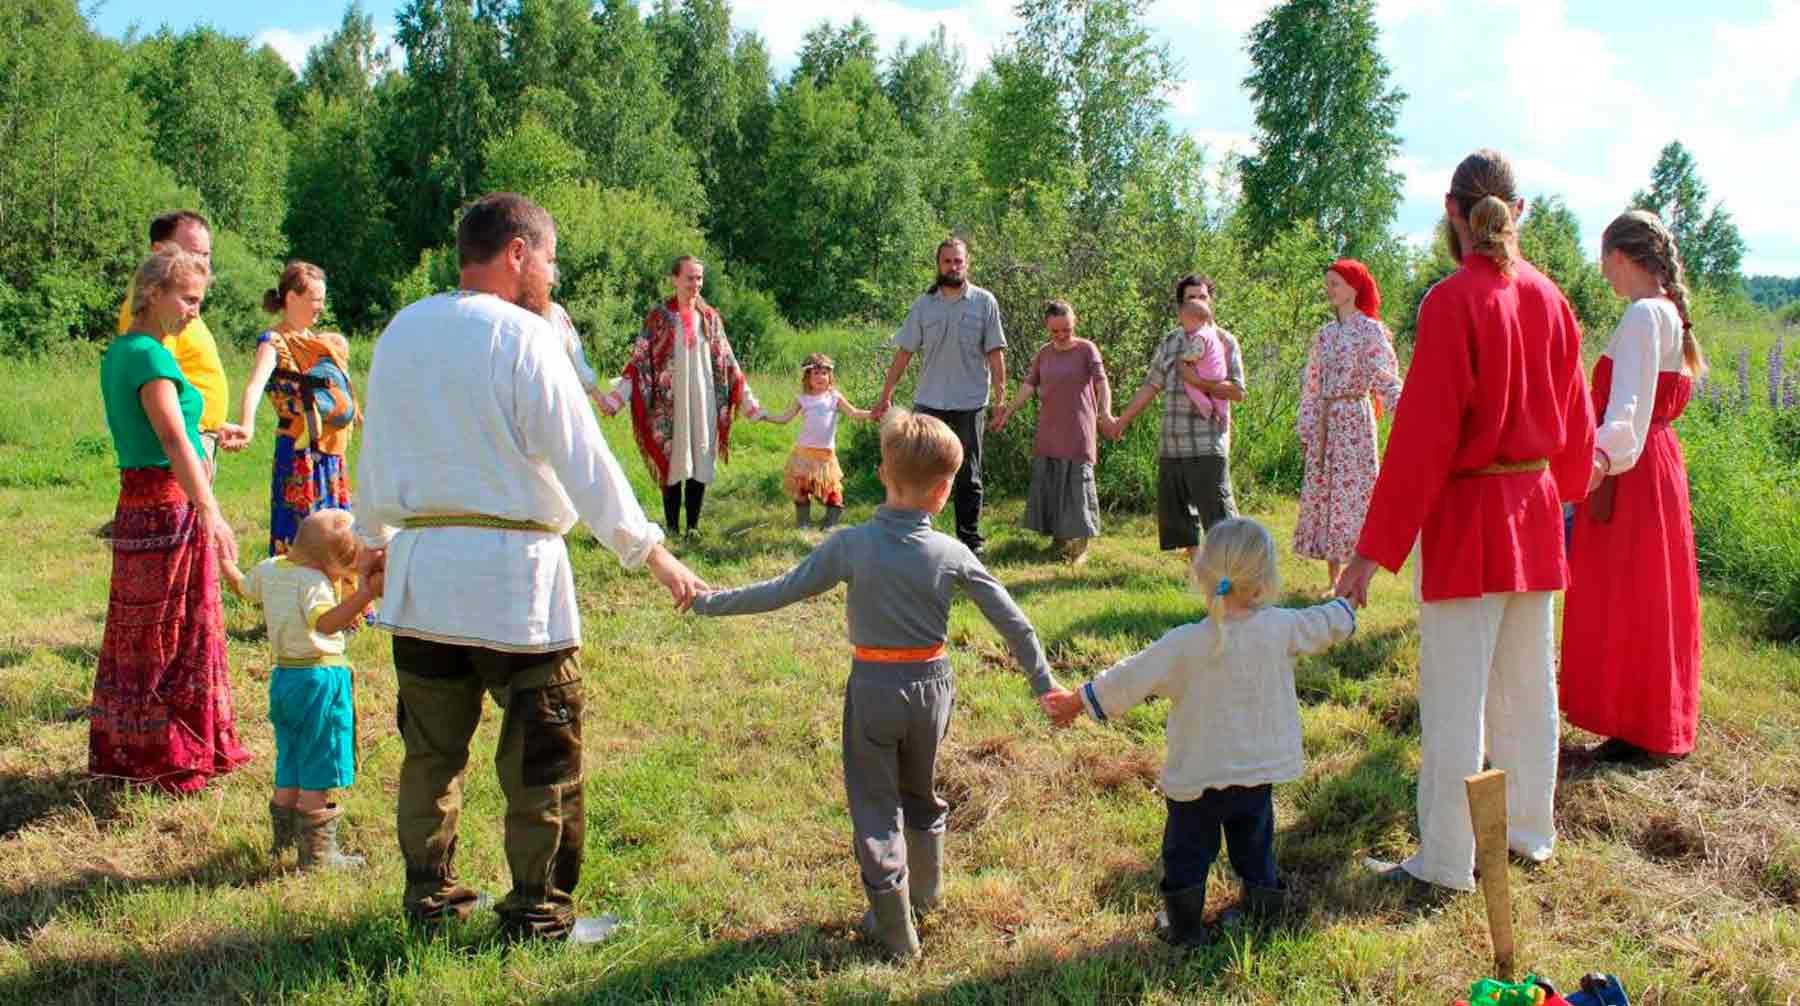 Фото: © Вконтакте / Поселение родовых поместий Любодар